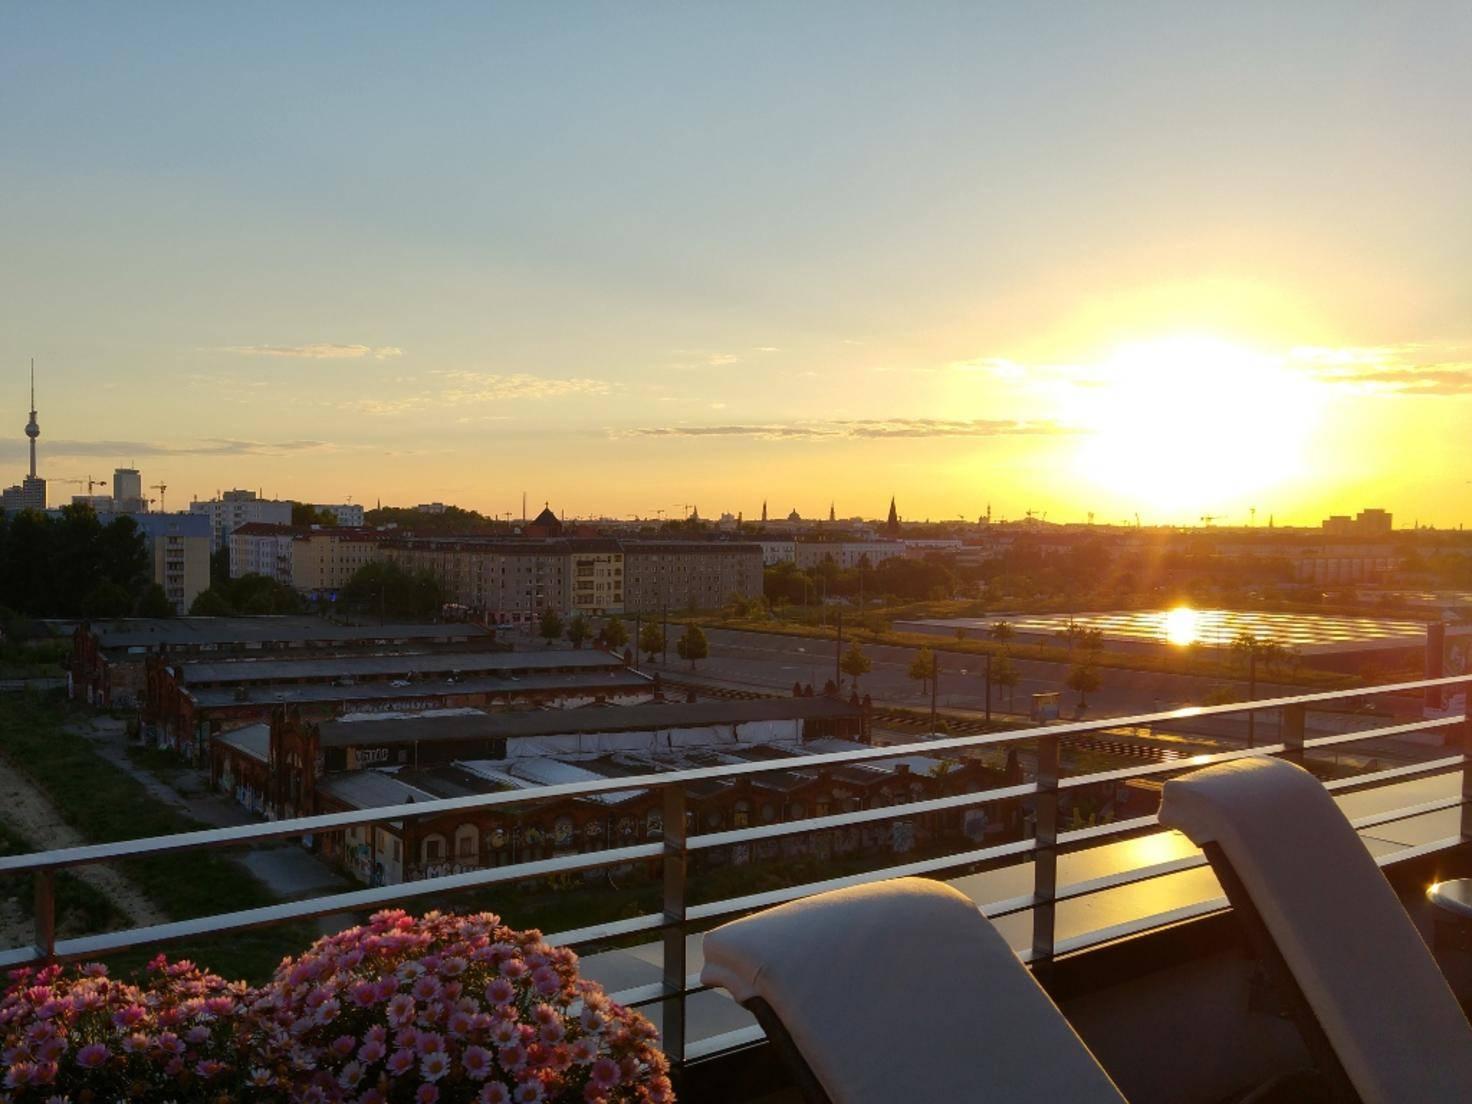 Das Berliner Stadtpanorama in der Abendsonne.